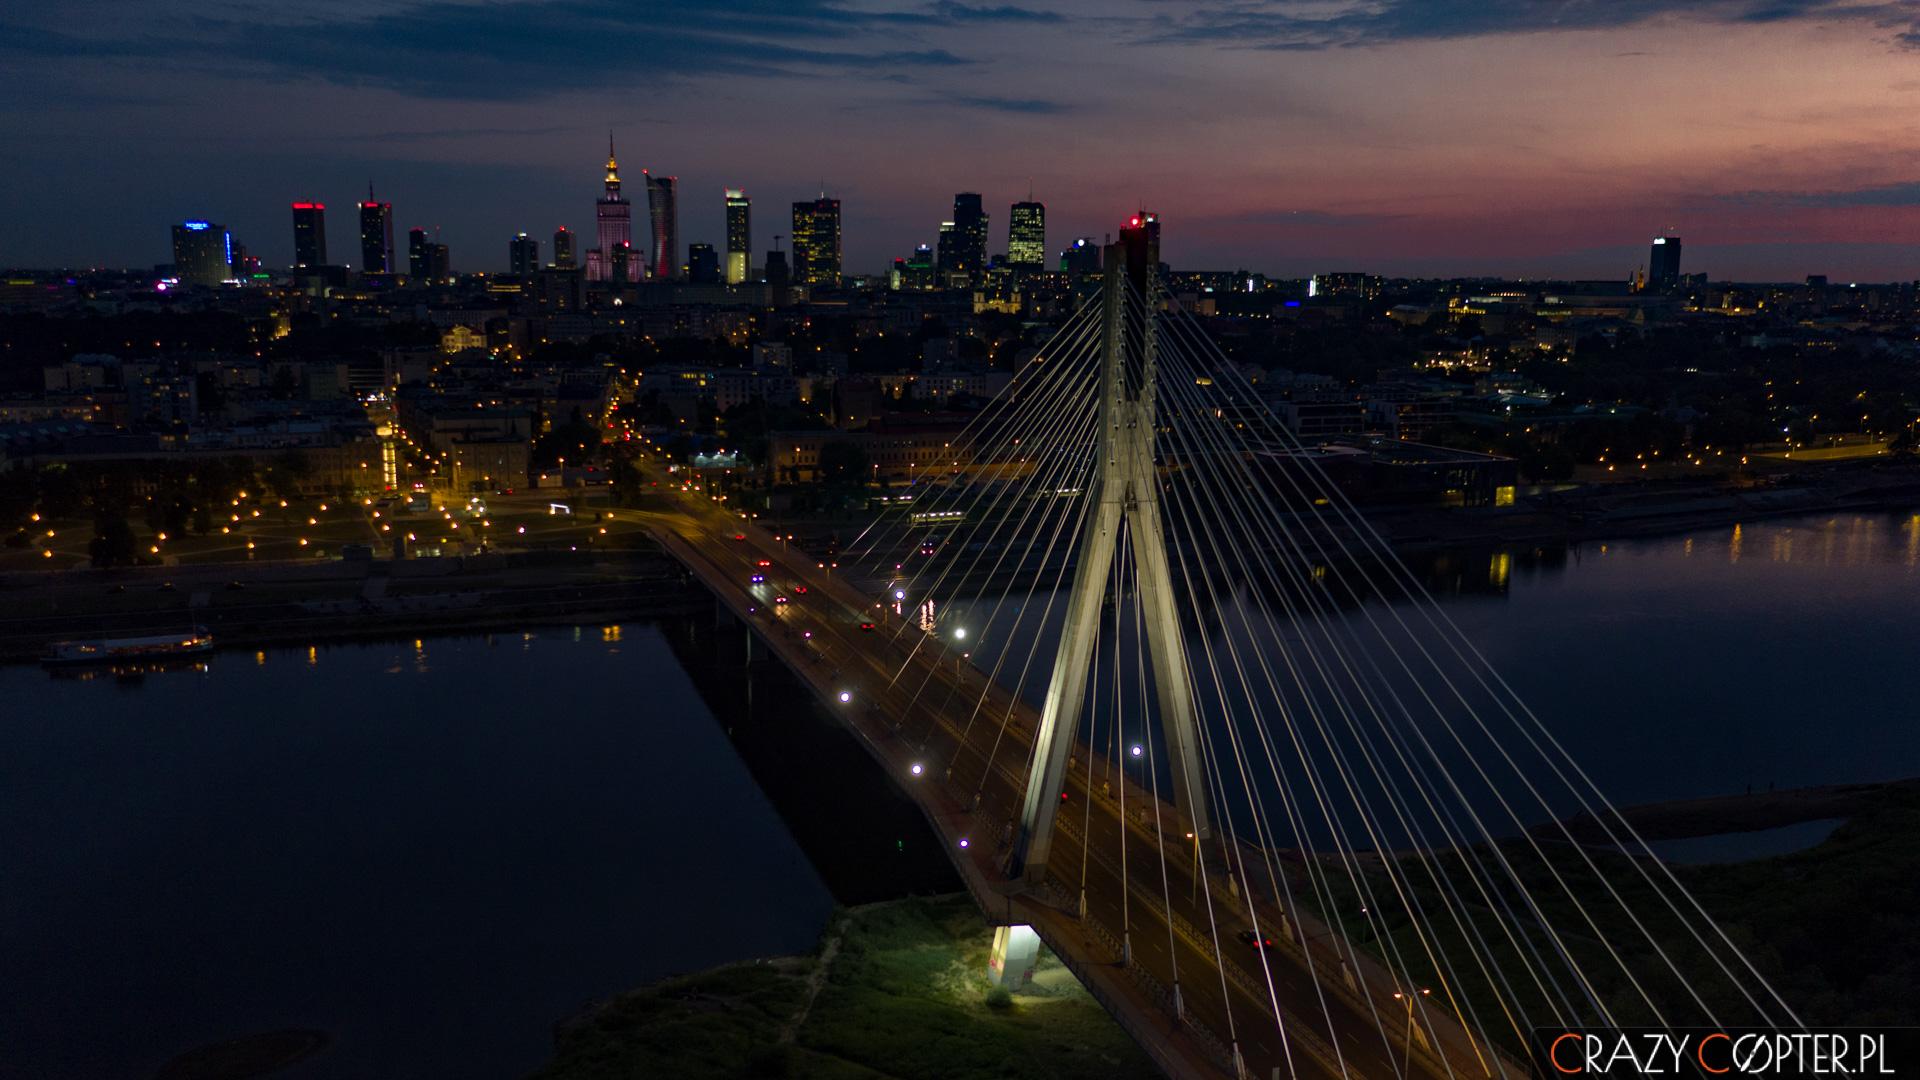 Nocne zdjęcia zdrona wWarszawie.